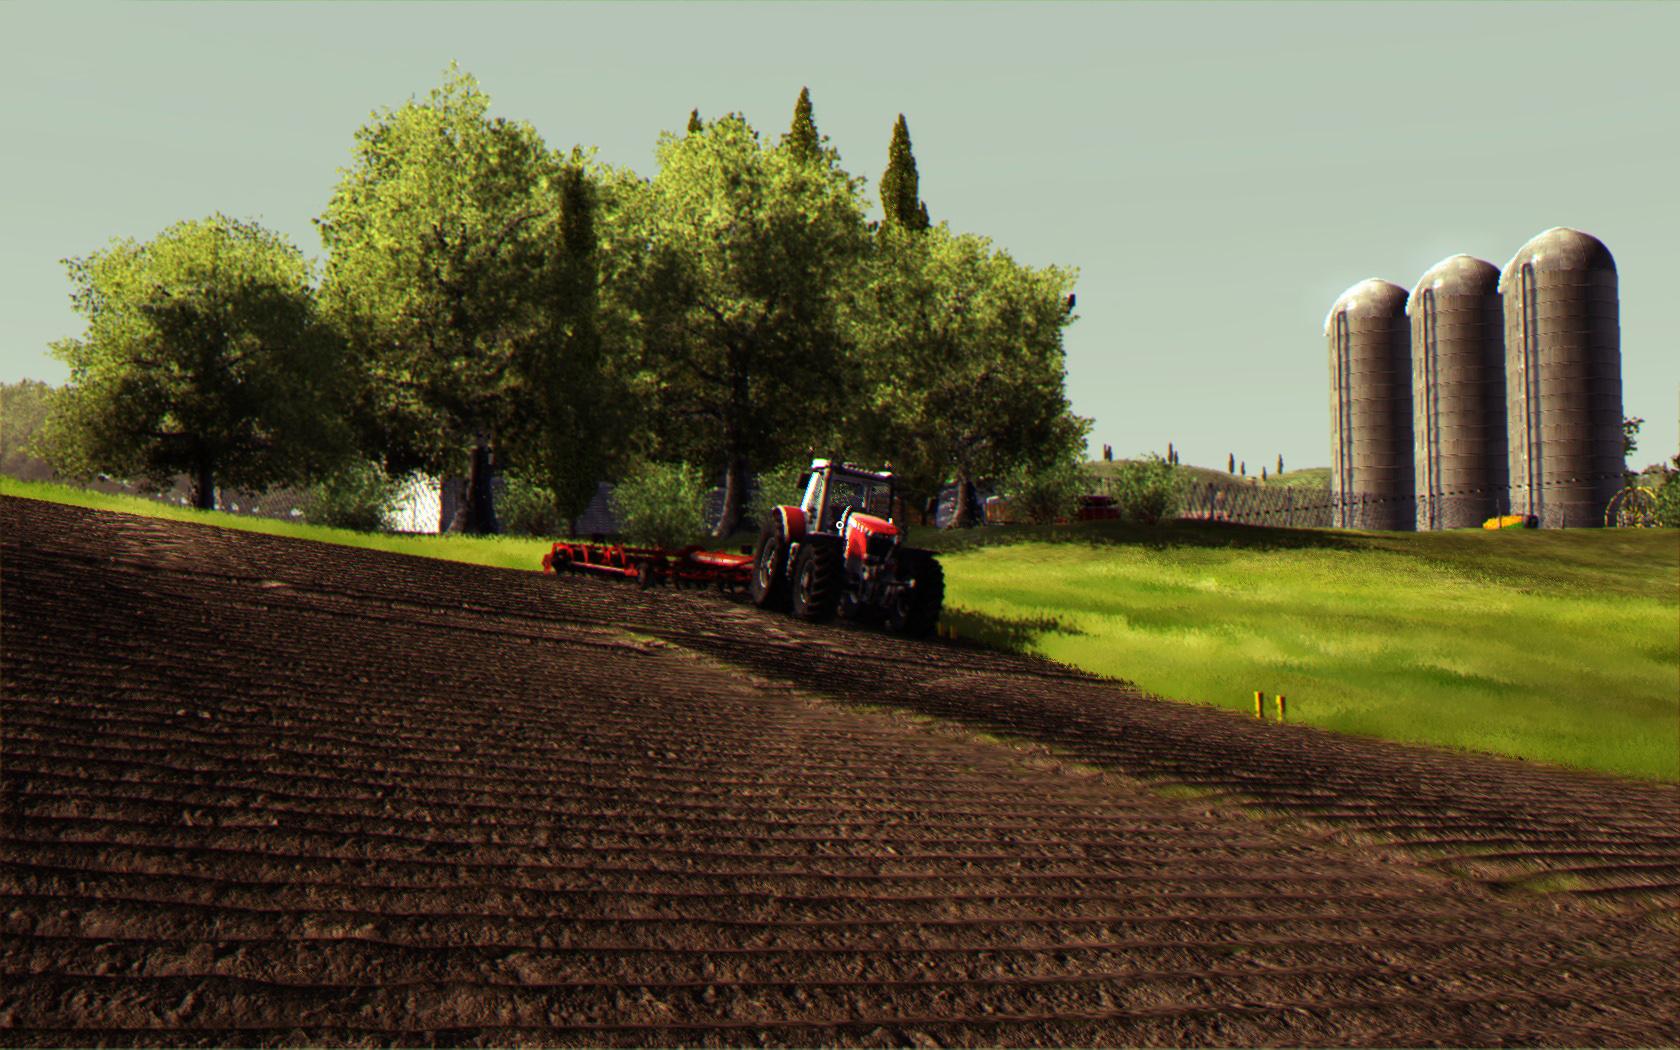 Farming Simulator 2013 video game wallpapers Wallpaper 15 of 21 1680x1050